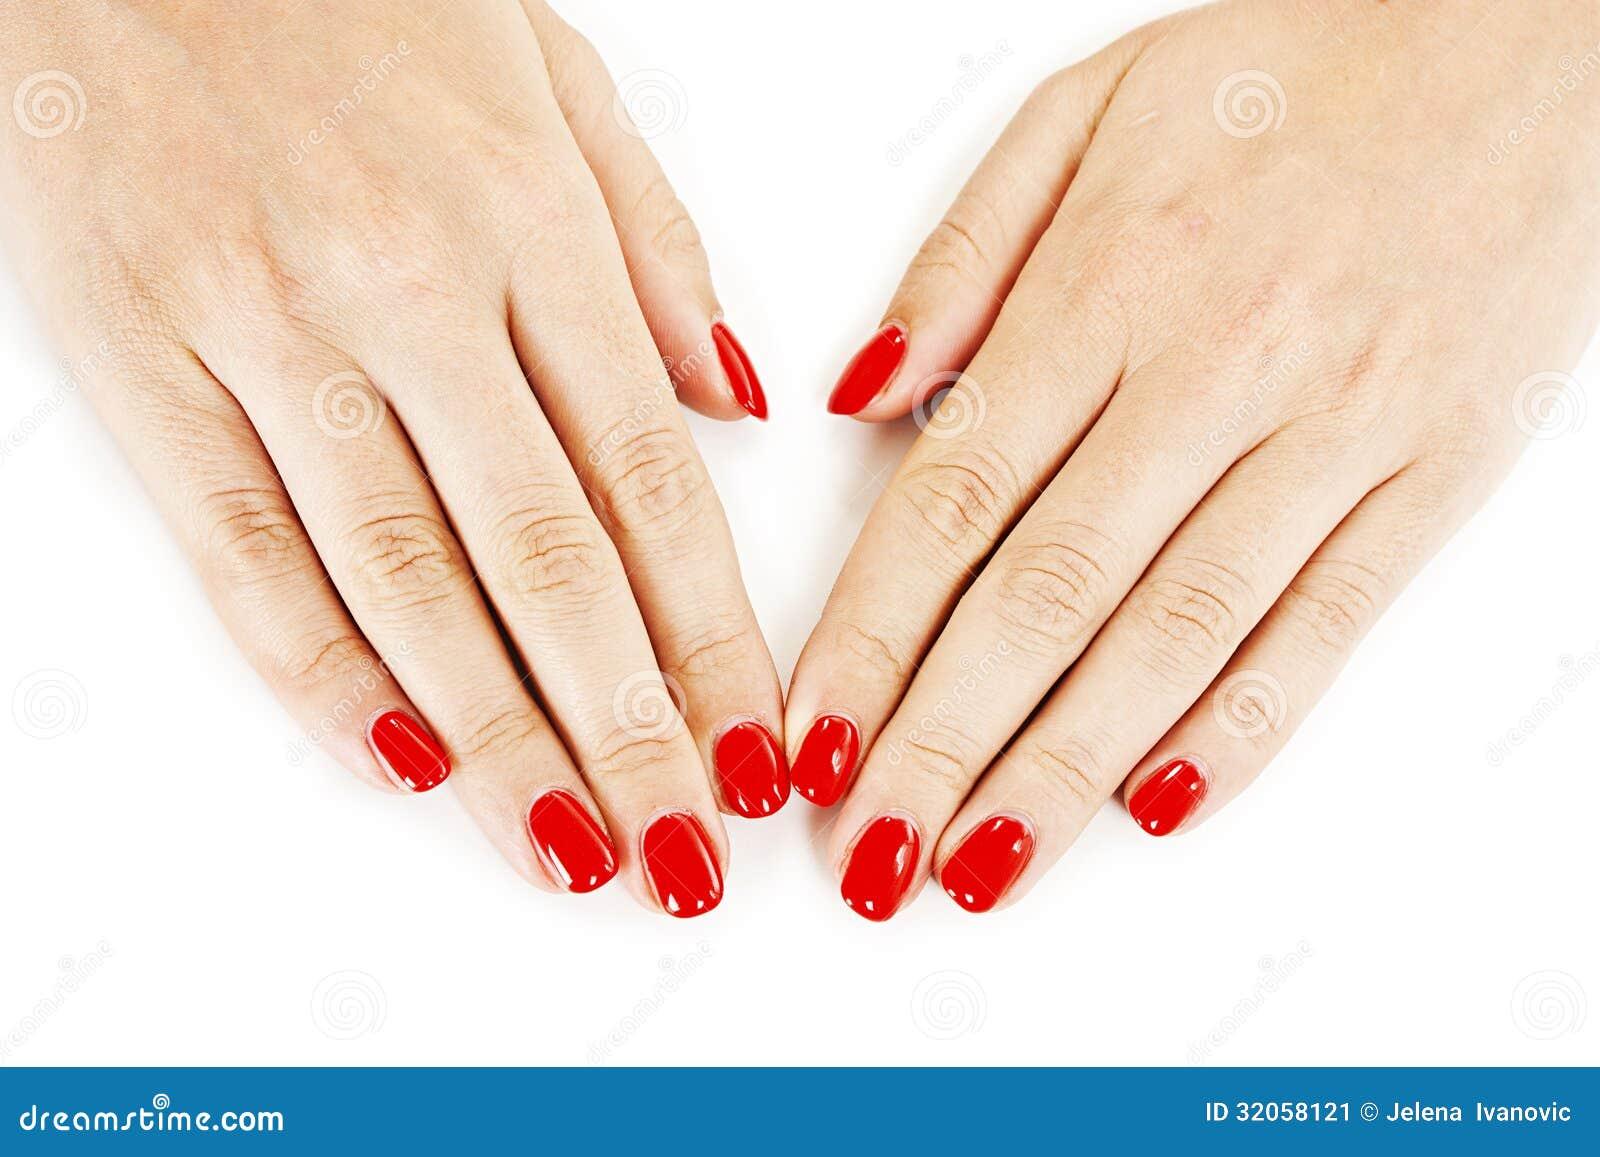 Красные ногти на руках